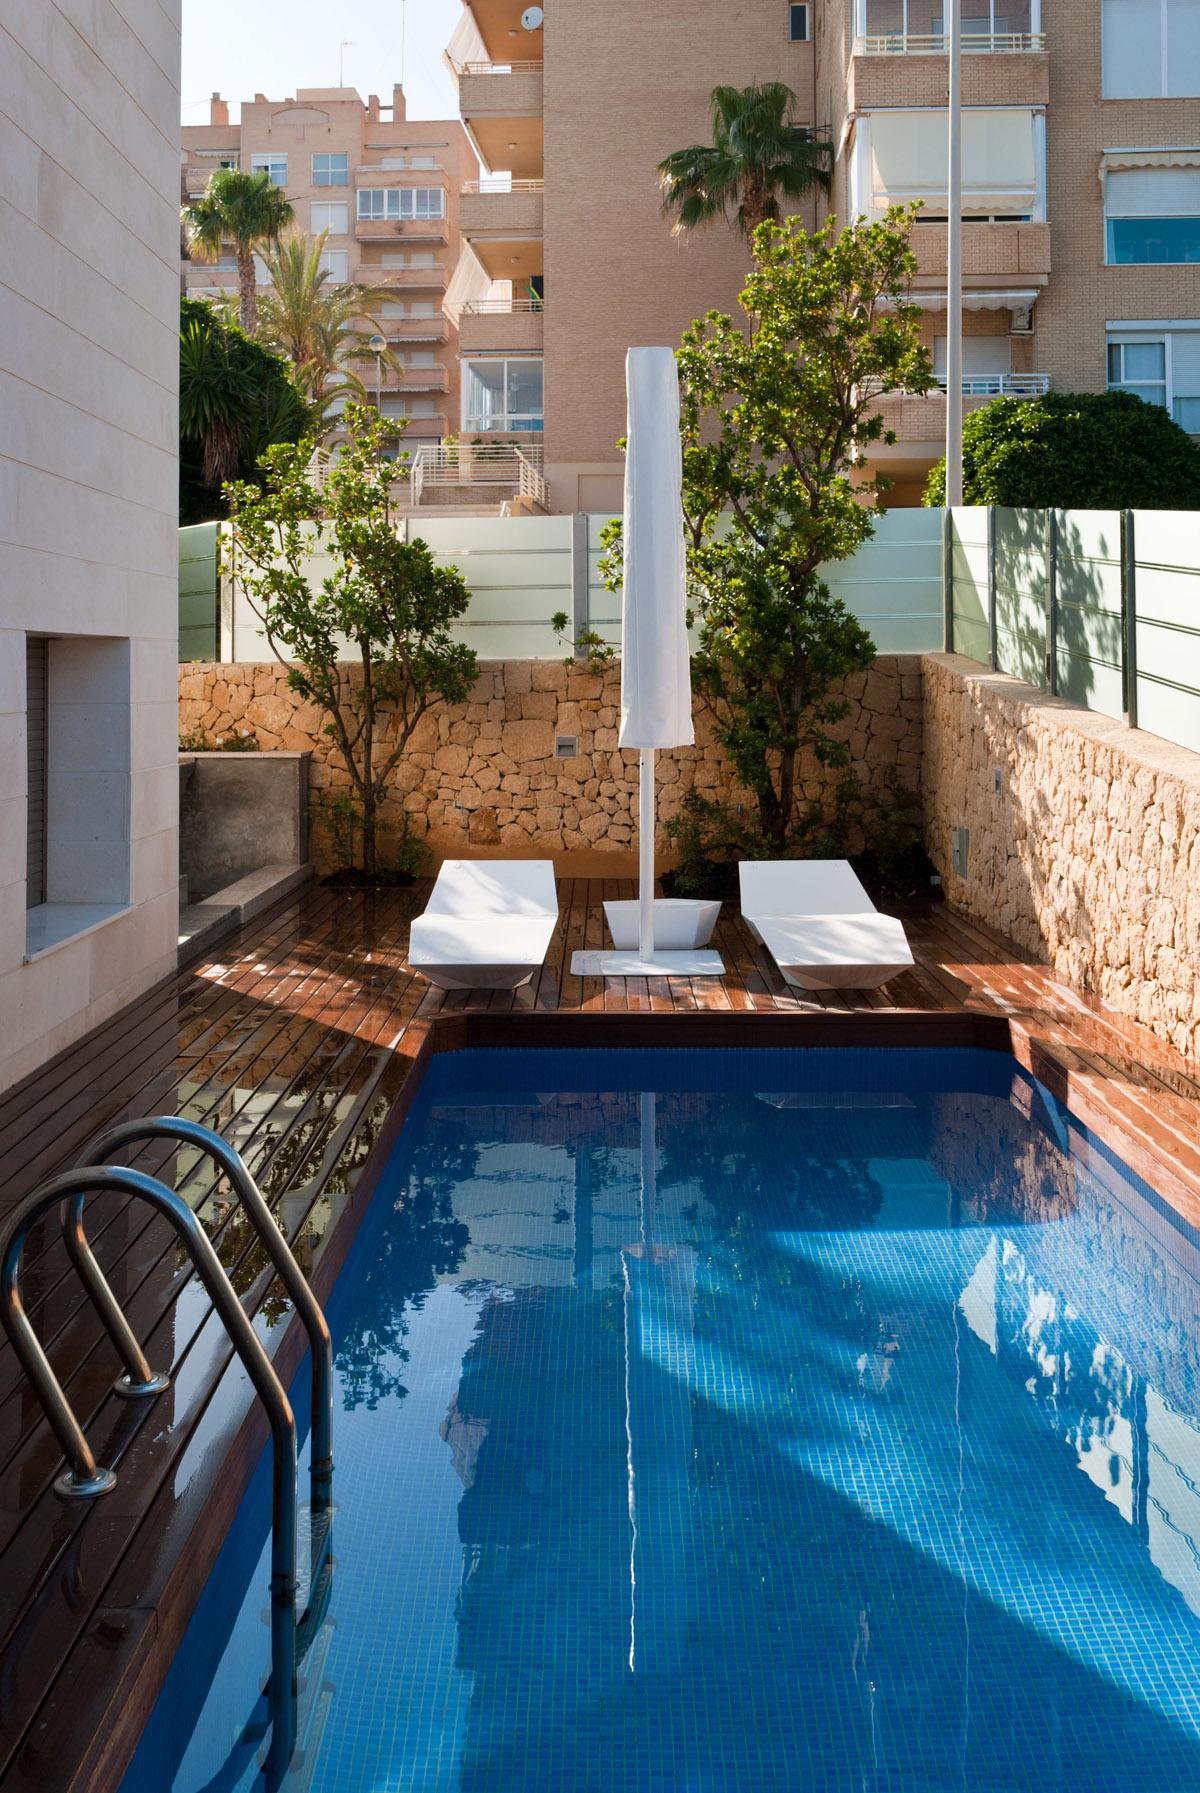 diseno de jardin pequeno con tarima de madera y piscina